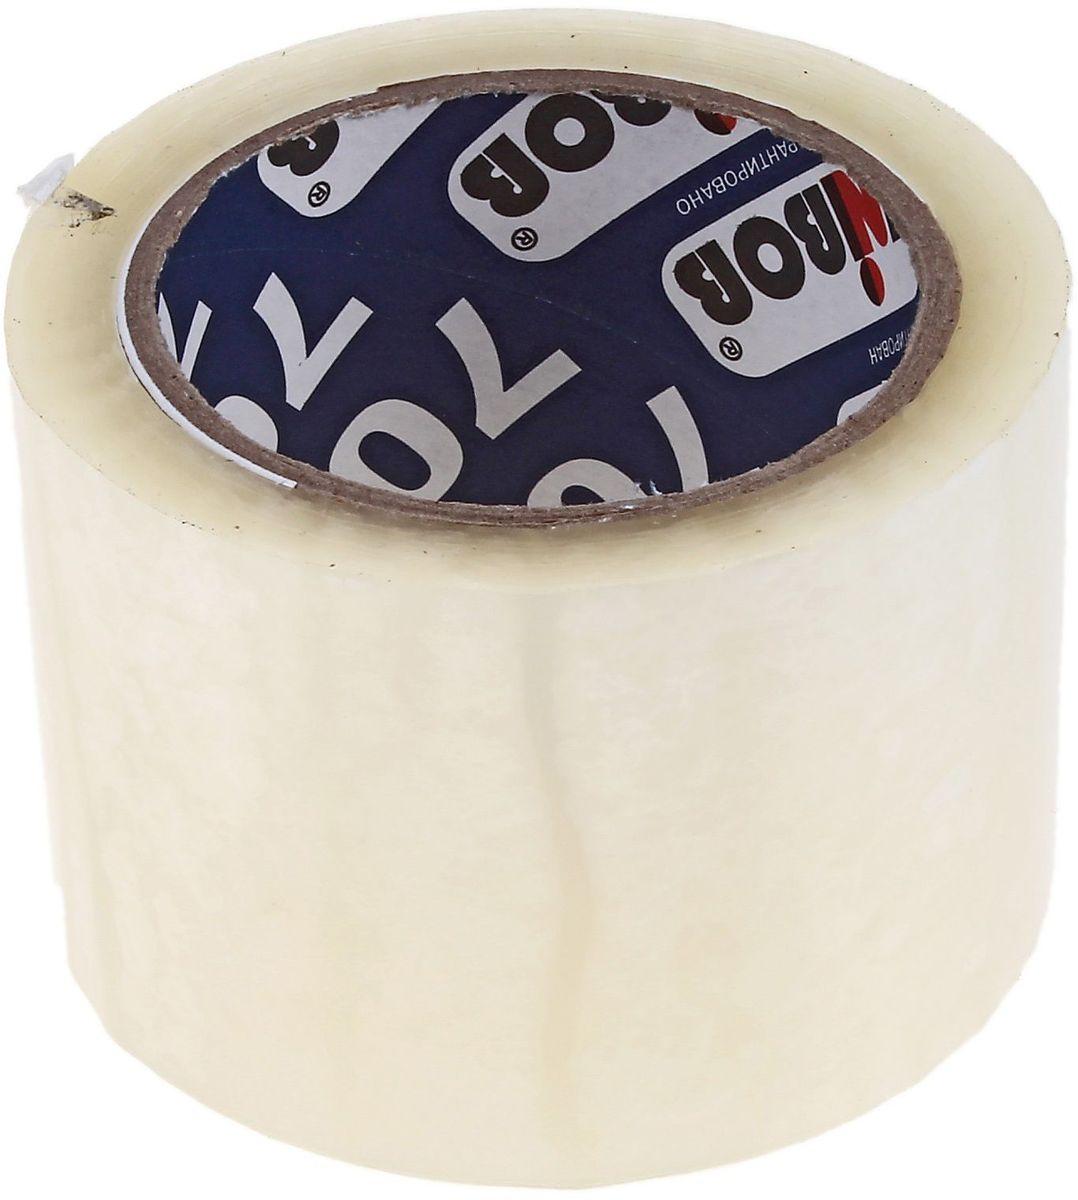 Клейкая лента 72 мм х 66 м цвет прозрачный 691941691941Клейкая лента на полипропиленовой основе это водонепроницаемое изделие, которое способно противостоять широкому диапазону температур. Применяется в быту для упаковки: легких и тяжелых коробок, изготовленных из гофрокартона, строительных смесей, масложировой продукции и мороженого, канцелярских товаров, промышленных товаров. Клейкая лента поможет скрепить предметы в любой ситуации, например, если вы делаете ремонт или меняете место жительства и пакуете коробки.